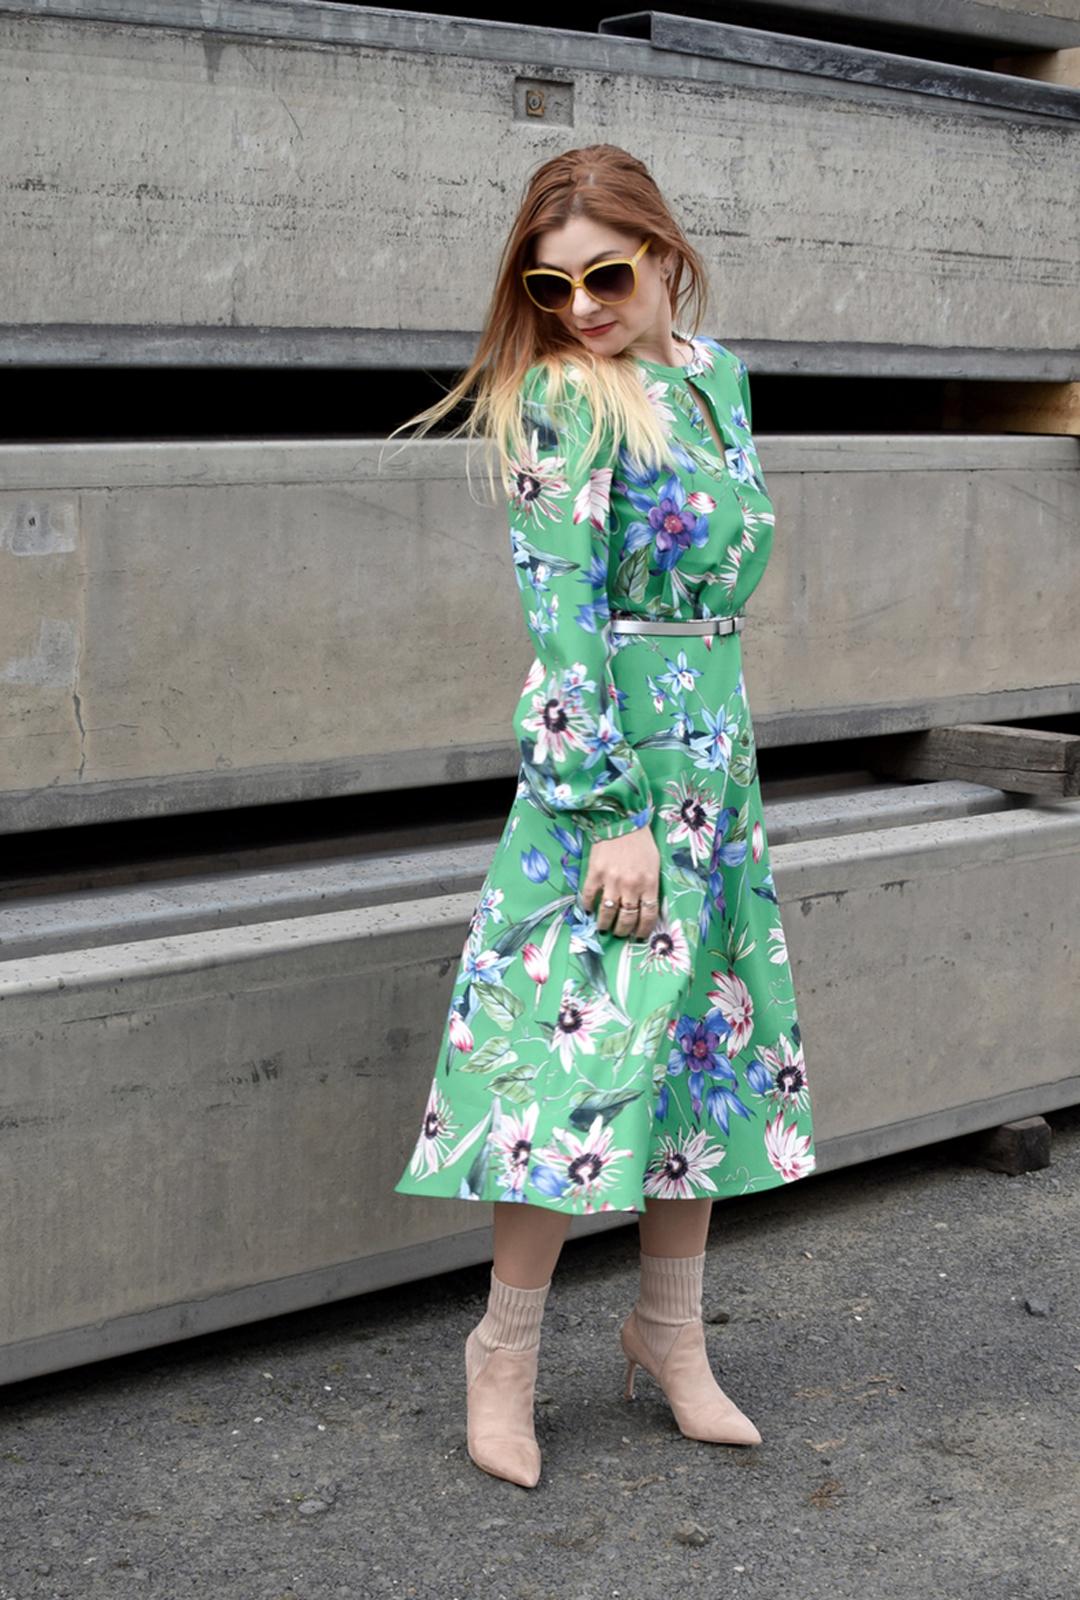 Modeinspiration für Frauen über 40, Fashionblog für Frauen über 30 und über 40